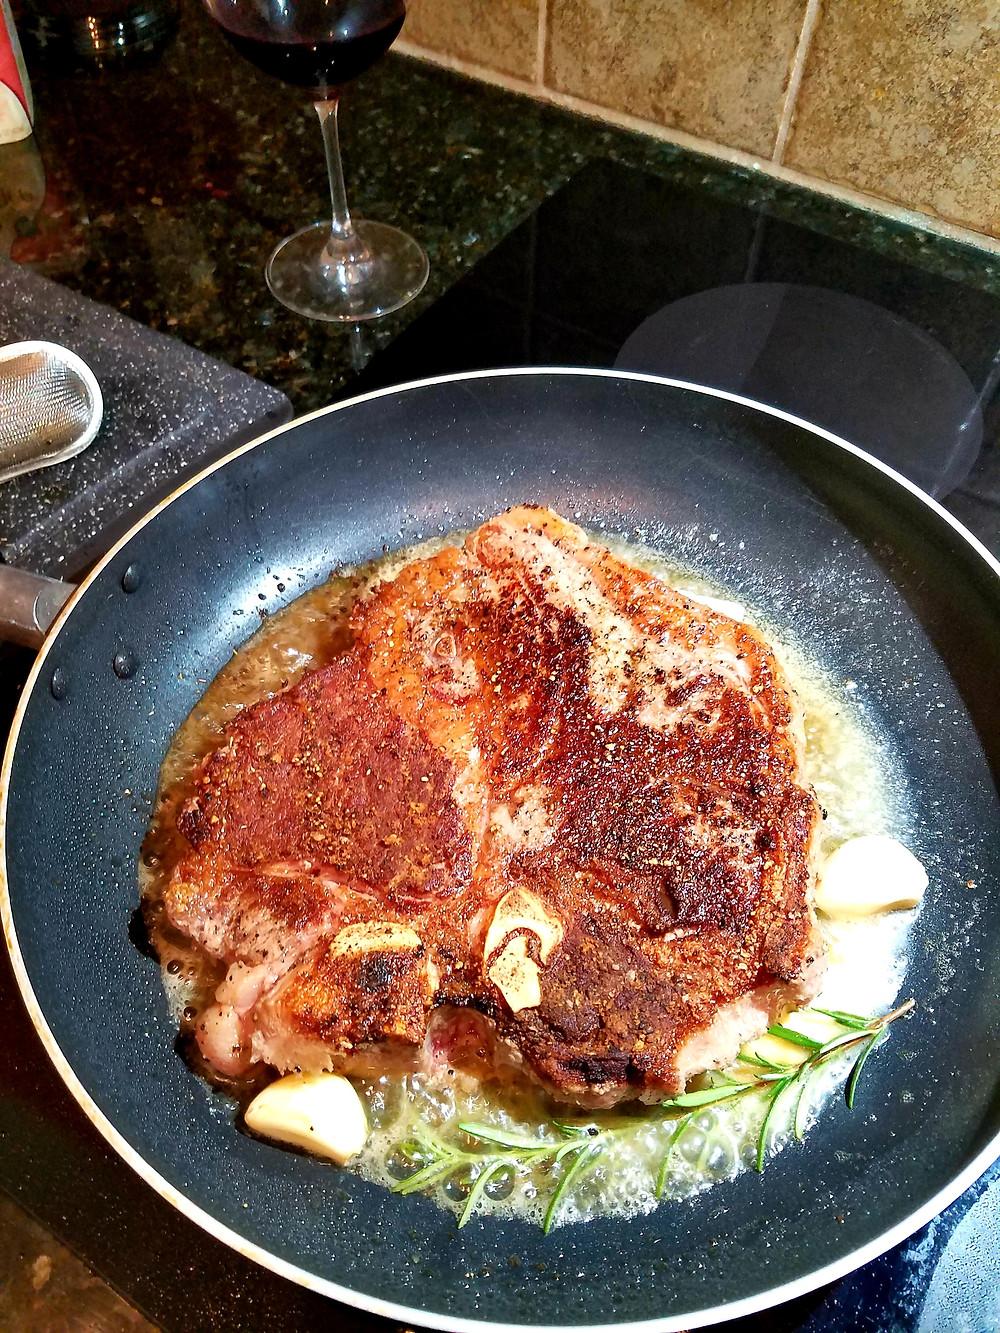 Butter-Basted T-Bone Steak (Gluten-free, no soy/grains)